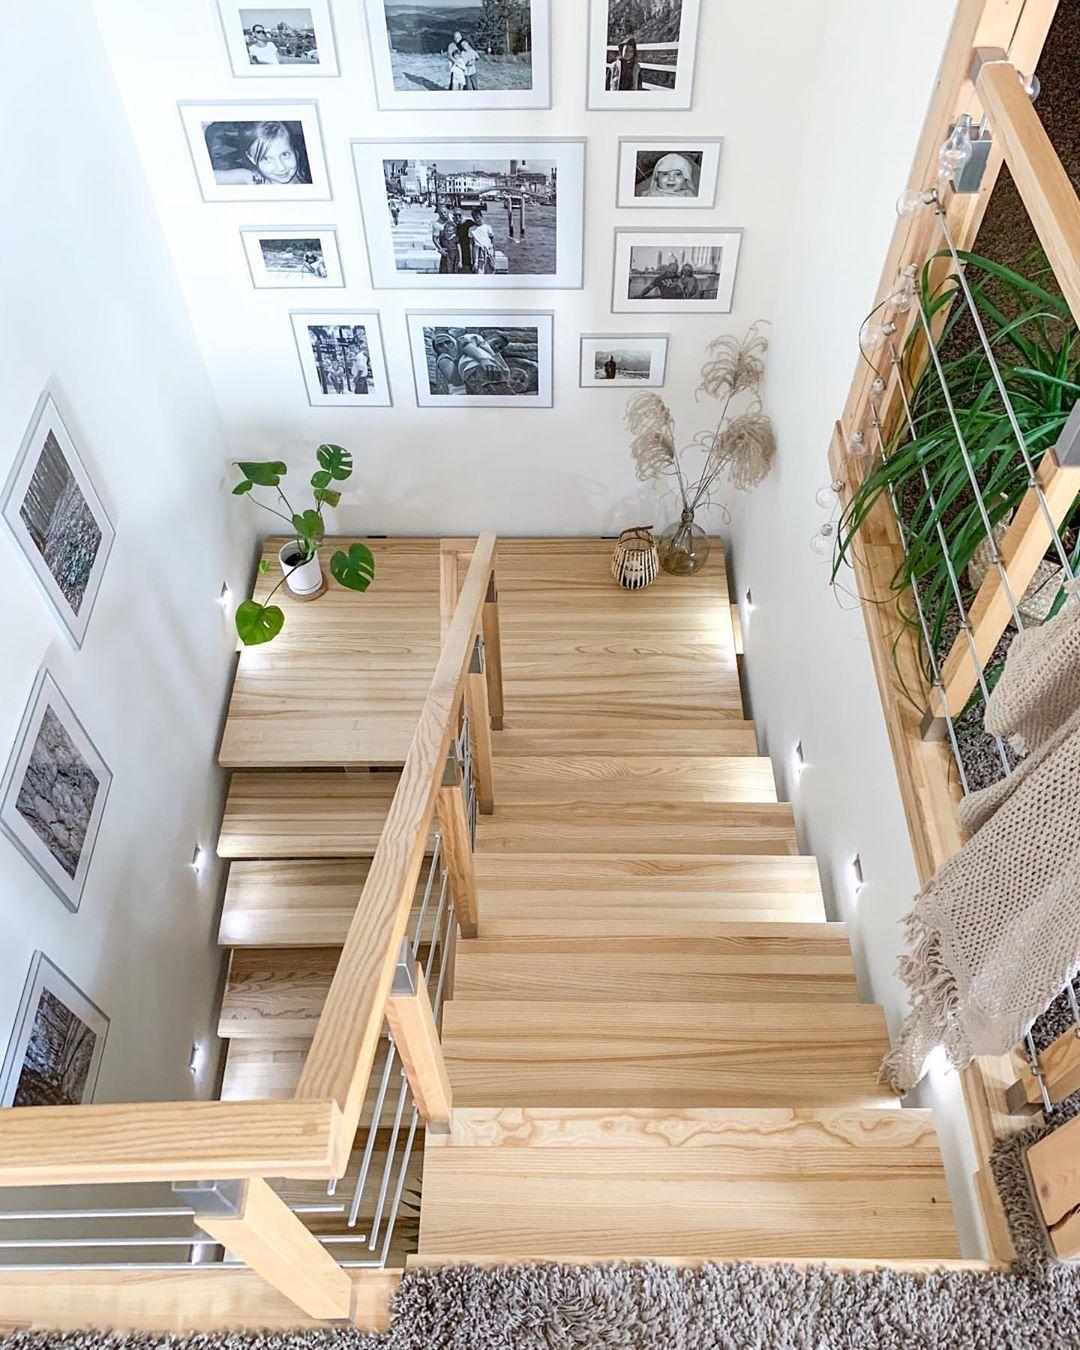 """Najlepsze wnętrza i inspiracje's Instagram profile post: """"Piękne schody. Opiszcie je jednym słowem ☺️⠀ ▫️▫️▫️▫️▫️⠀ Obserwuj ➡️ @wymarzone_mieszkanie ⬅️⠀ dla codziennej dawki wnętrzarskich…"""""""